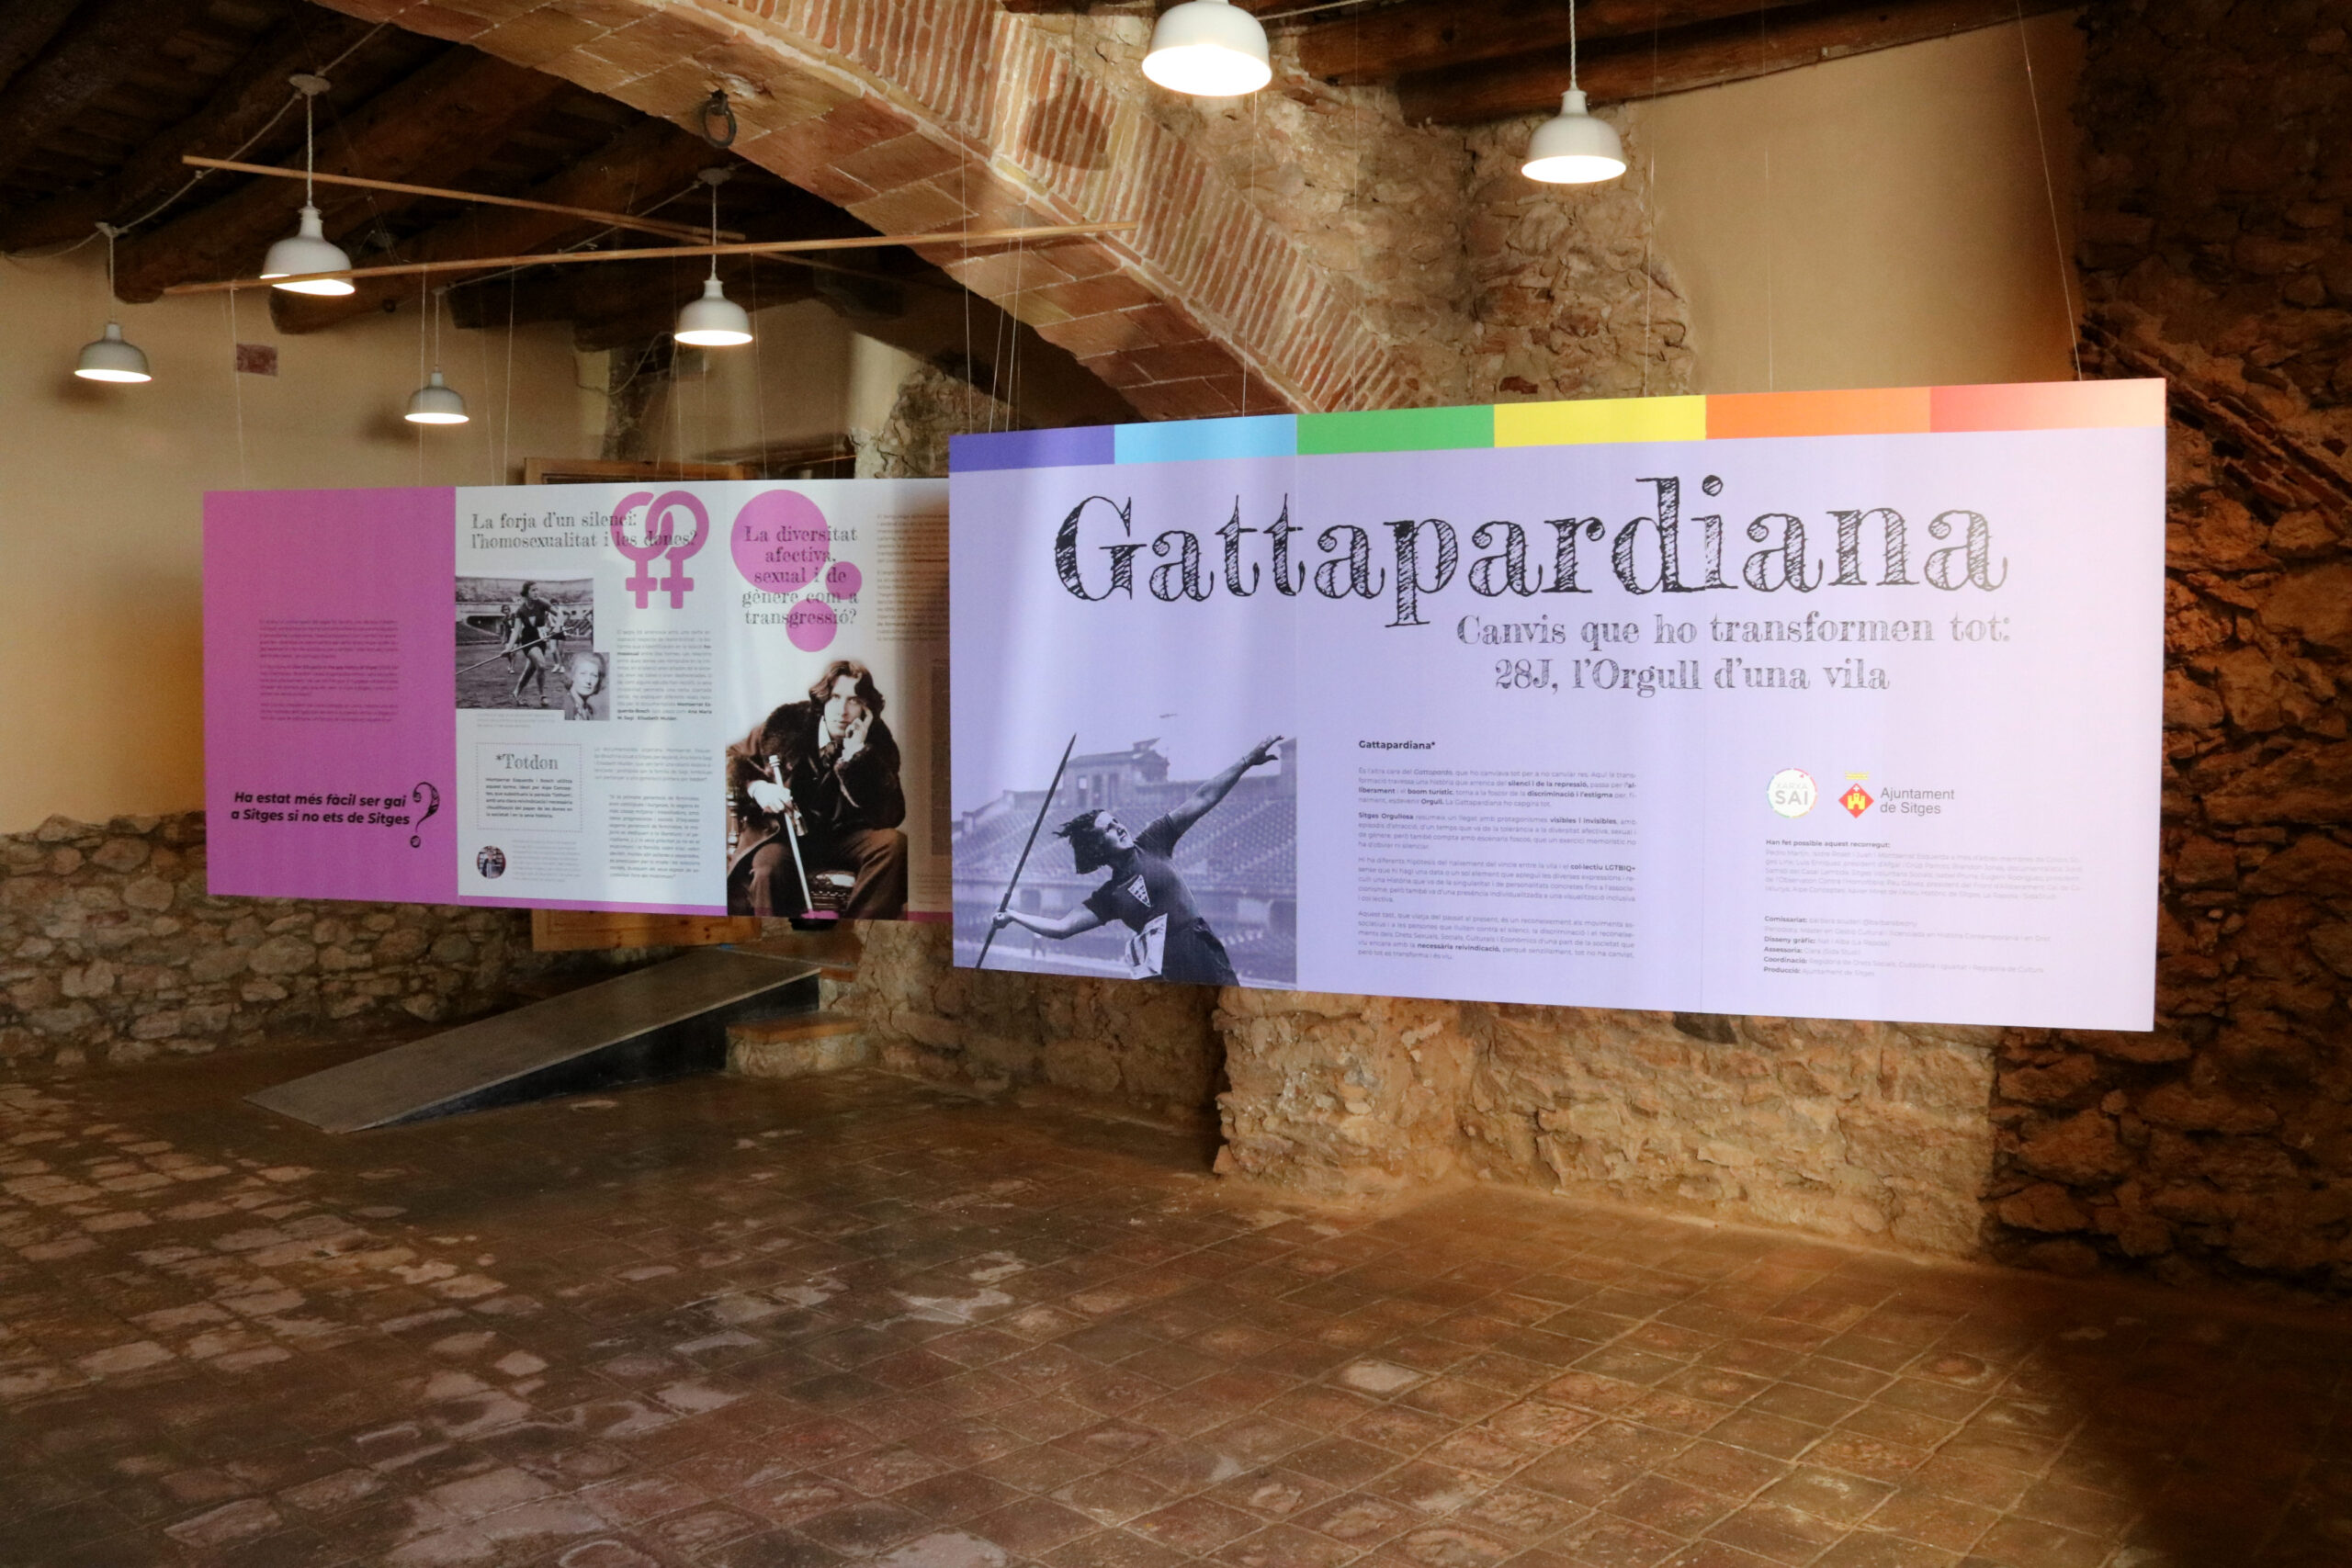 L'exposició de Sitges 'Gattapardiana: l'Orgull d'una vila' / ACN